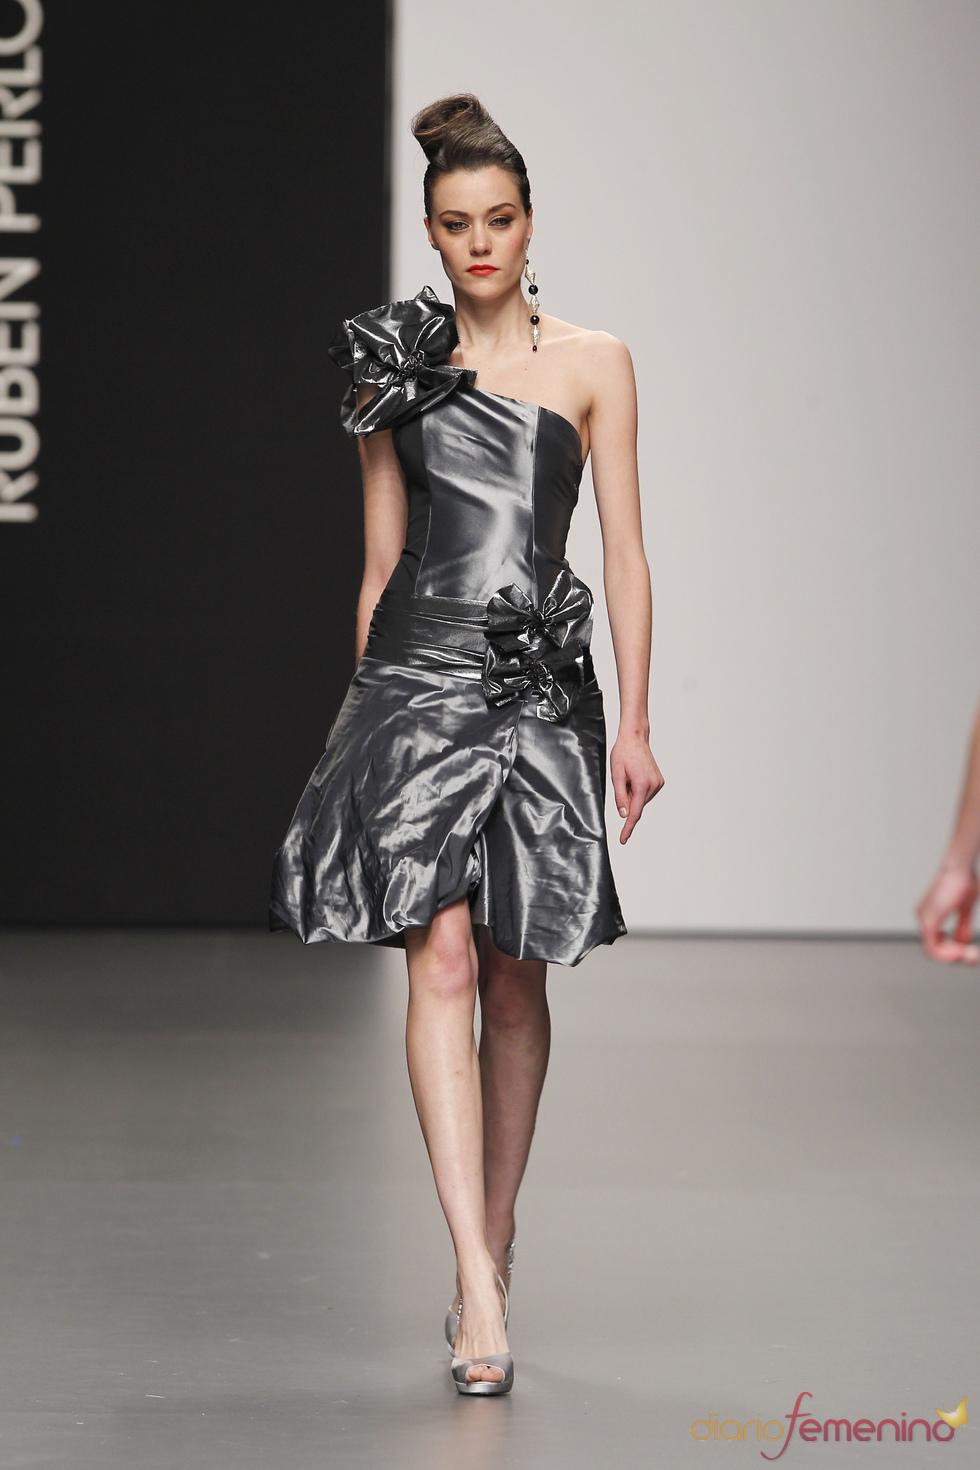 6271cfb0b Rubén Perlotti propone vestidos de fiesta para el 2011